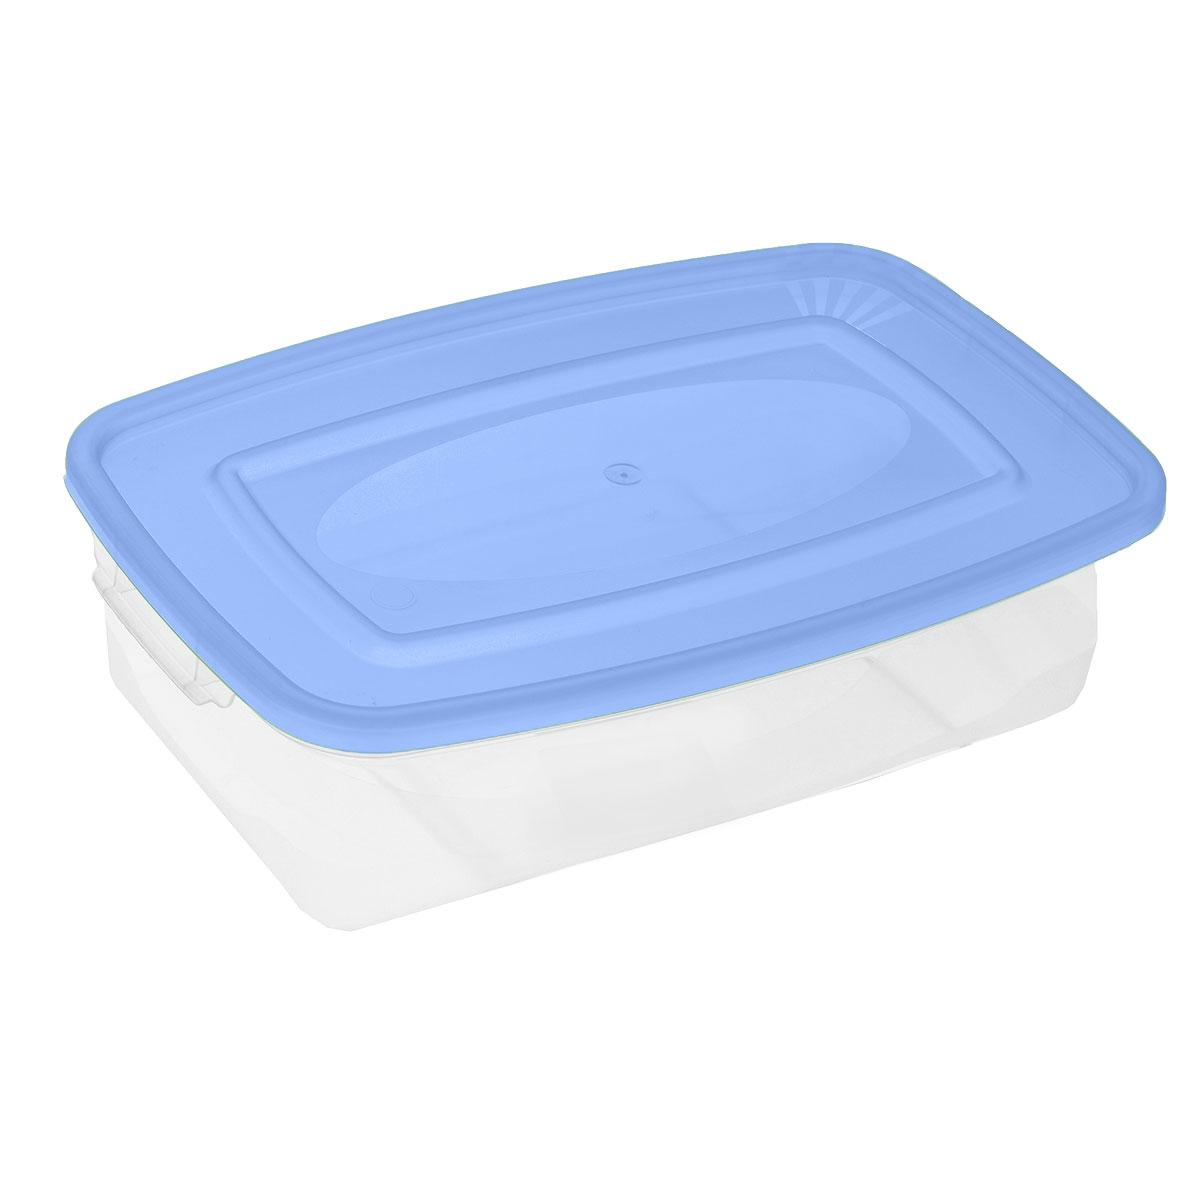 Контейнер для СВЧ Полимербыт Каскад, цвет: голубой, прозрачный, 700 млС540_голубой, прозрачныйПрямоугольный контейнер для СВЧ Полимербыт Каскад изготовлен из высококачественного прочного пластика, устойчивого к высоким температурам (до +120°С). Стенки контейнера прозрачные, что позволяет видеть содержимое. Цветная полупрозрачная крышка плотно закрывается. Контейнер идеально подходит для хранения пищи, его удобно брать с собой на работу, учебу, пикник или просто использовать для хранения пищи в холодильнике. Можно использовать в микроволновой печи и для заморозки в морозильной камере. Можно мыть в посудомоечной машине.